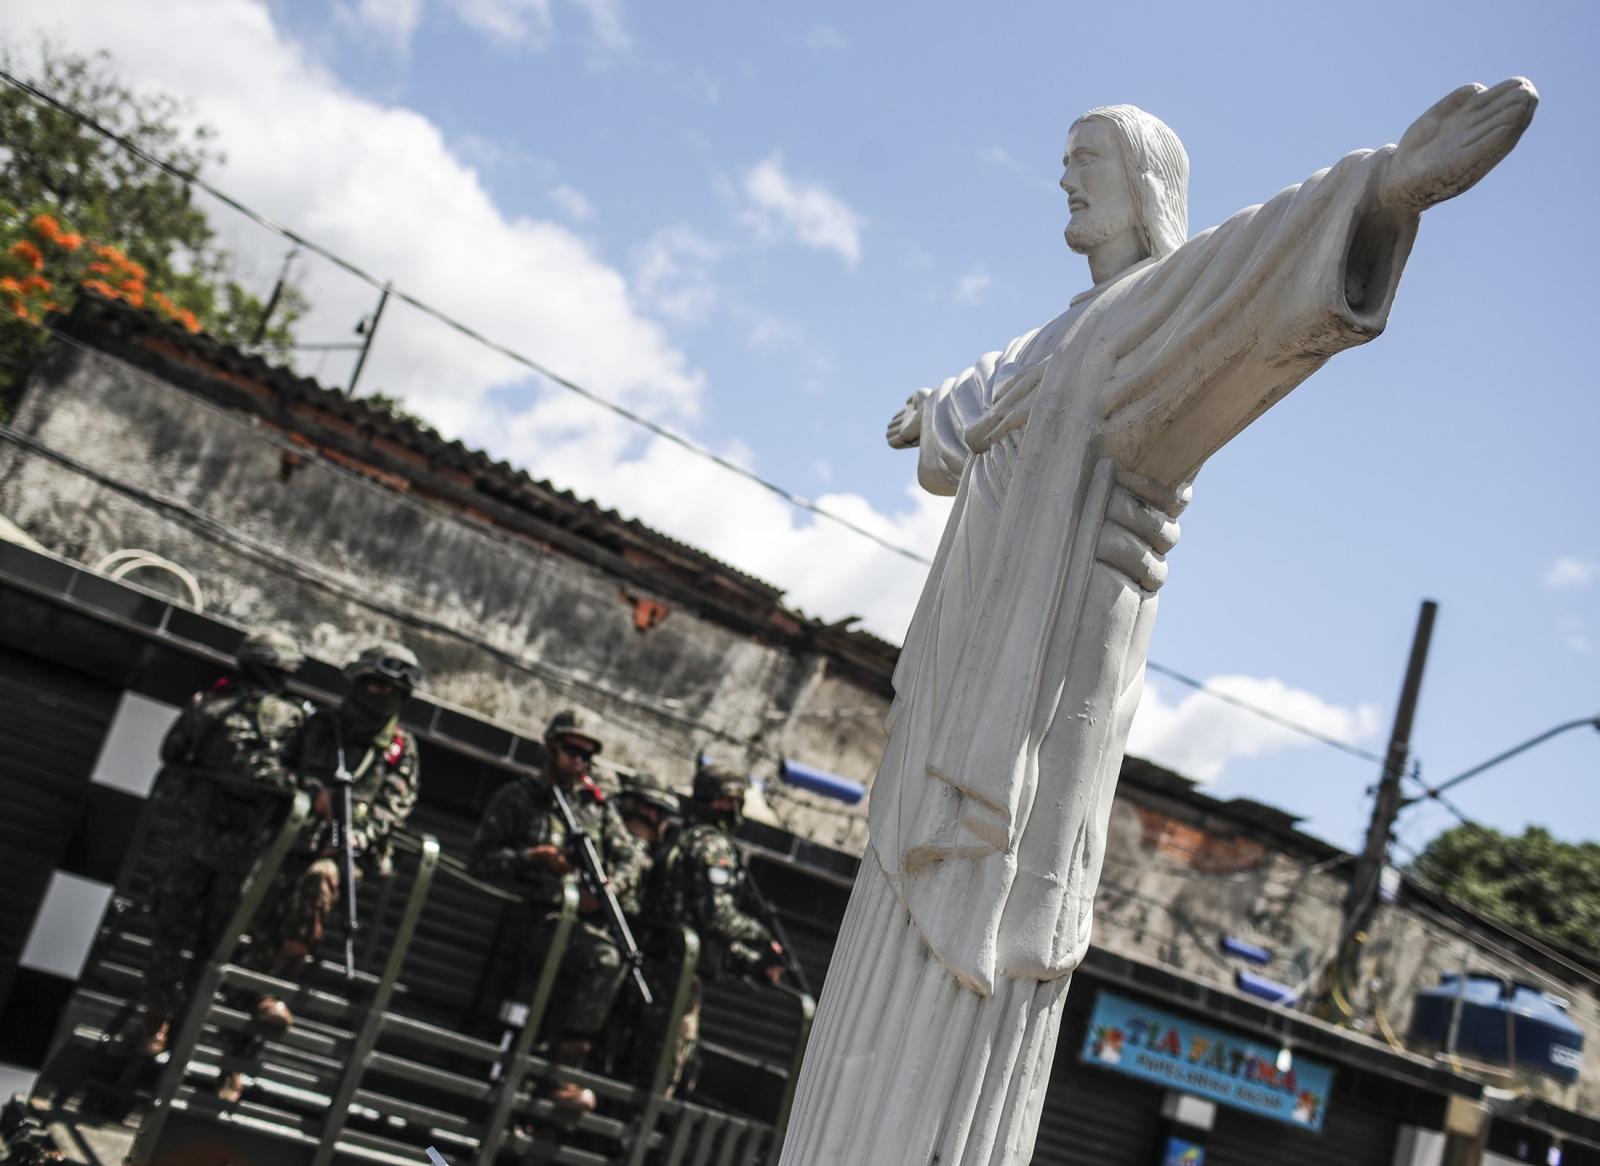 Agenci sił zbrojnych patrolują w slumsach w Rio de Janeiro w Brazylii, fot.   EPA/Antonio Lacerda